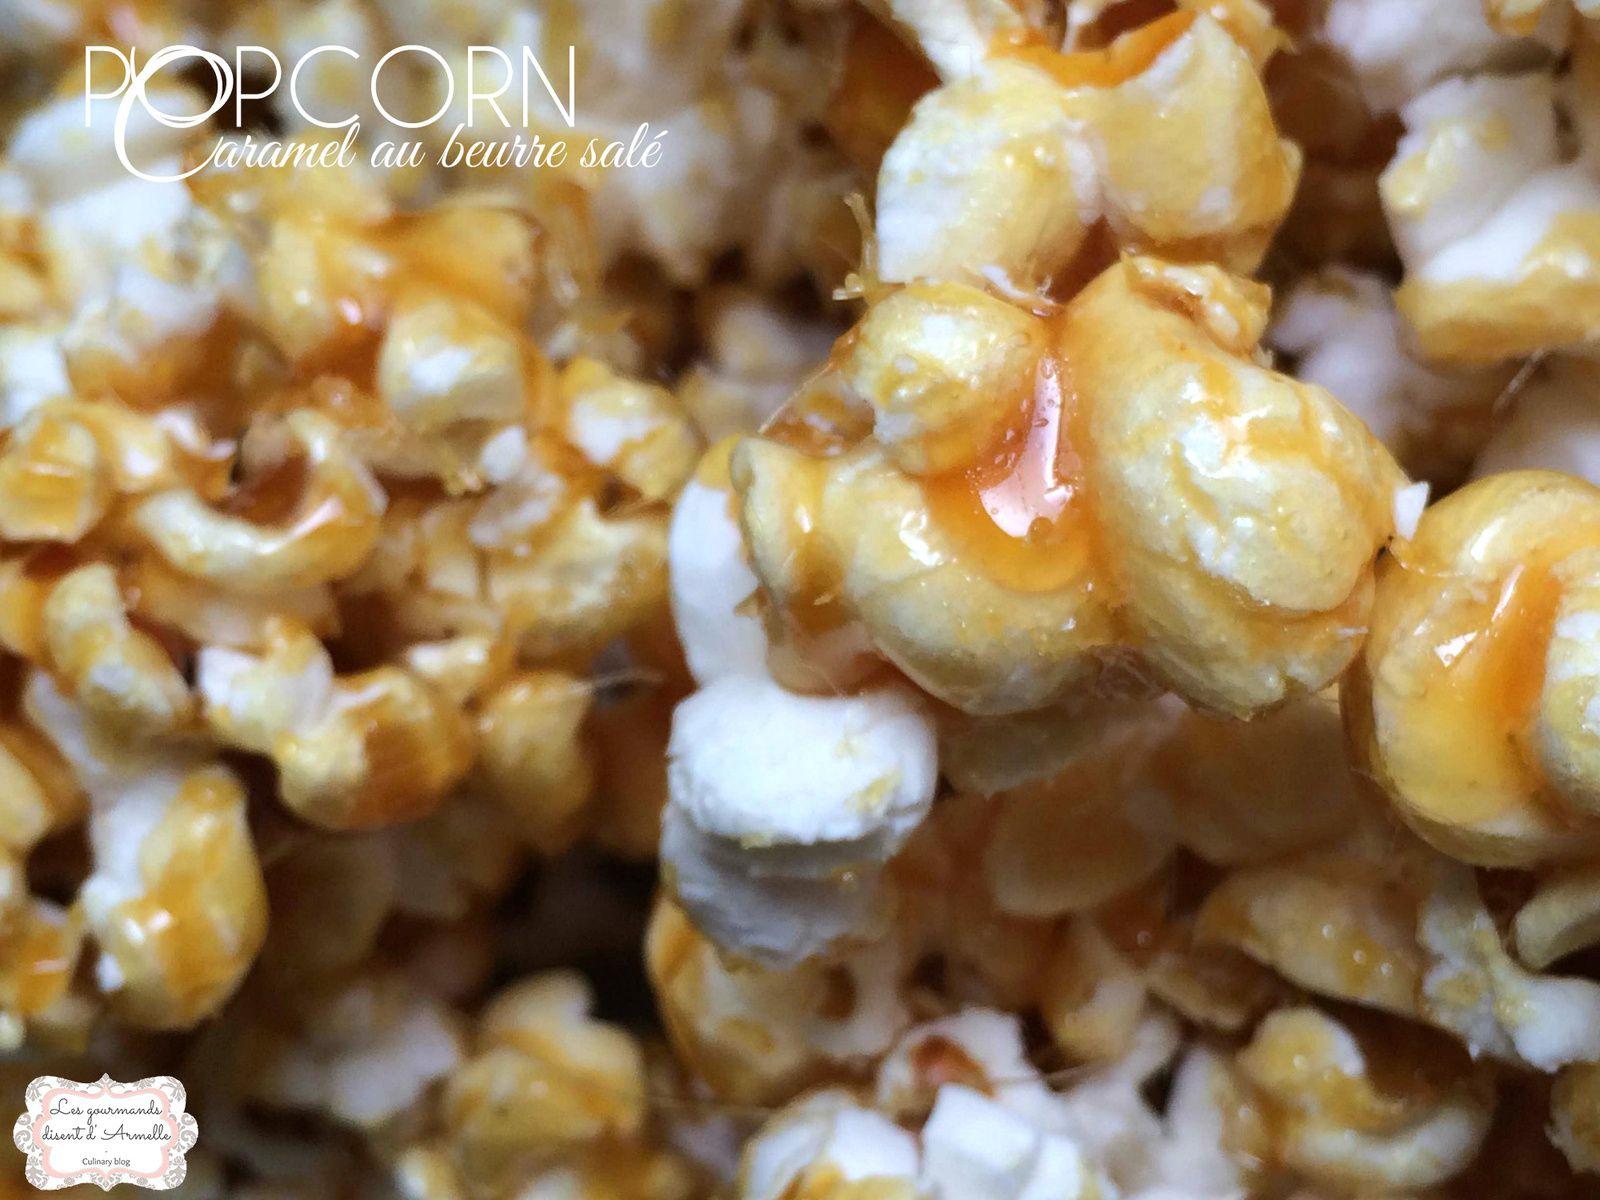 Popcorn au caramel beurre salé